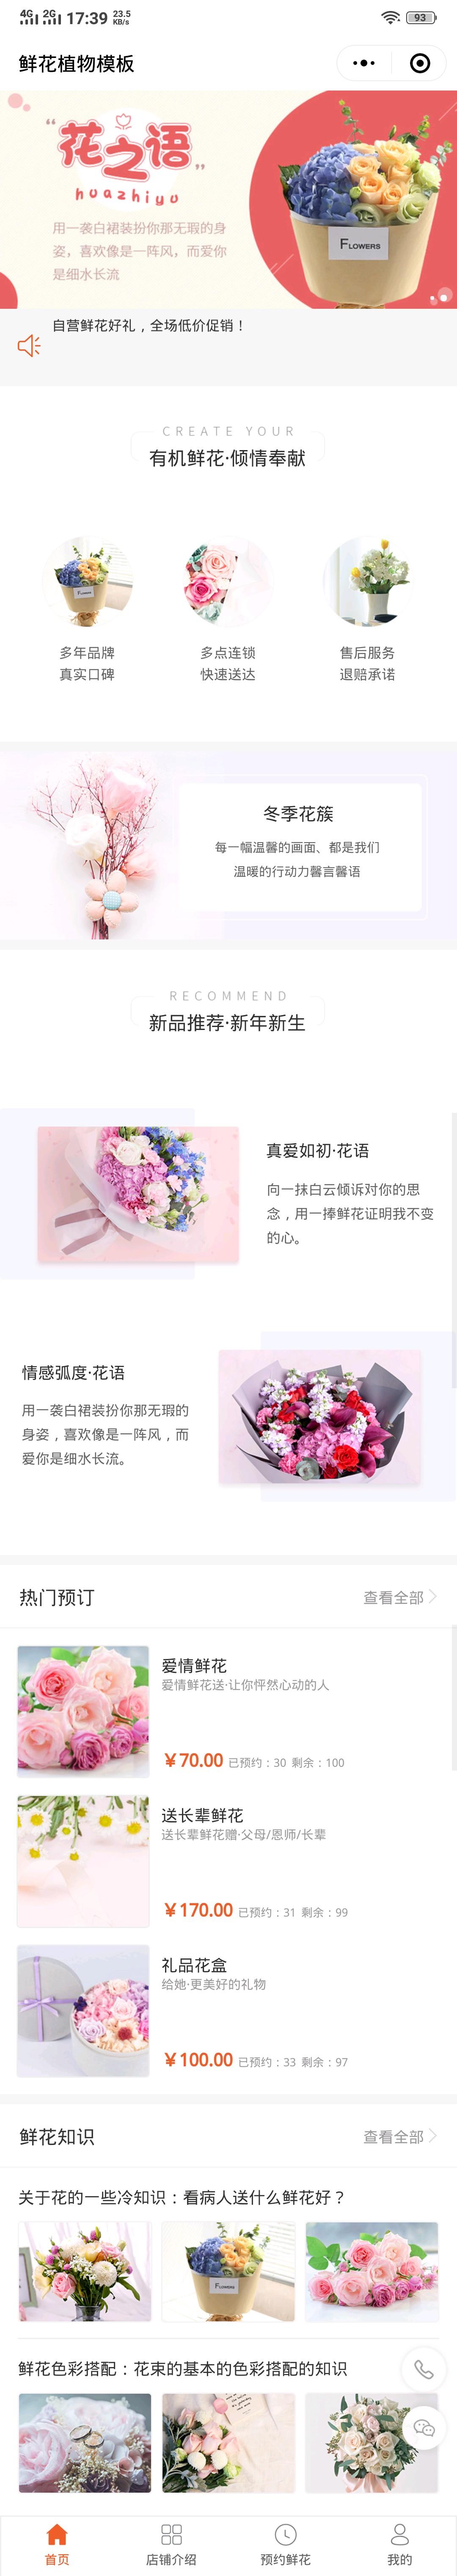 鲜花植物小程序